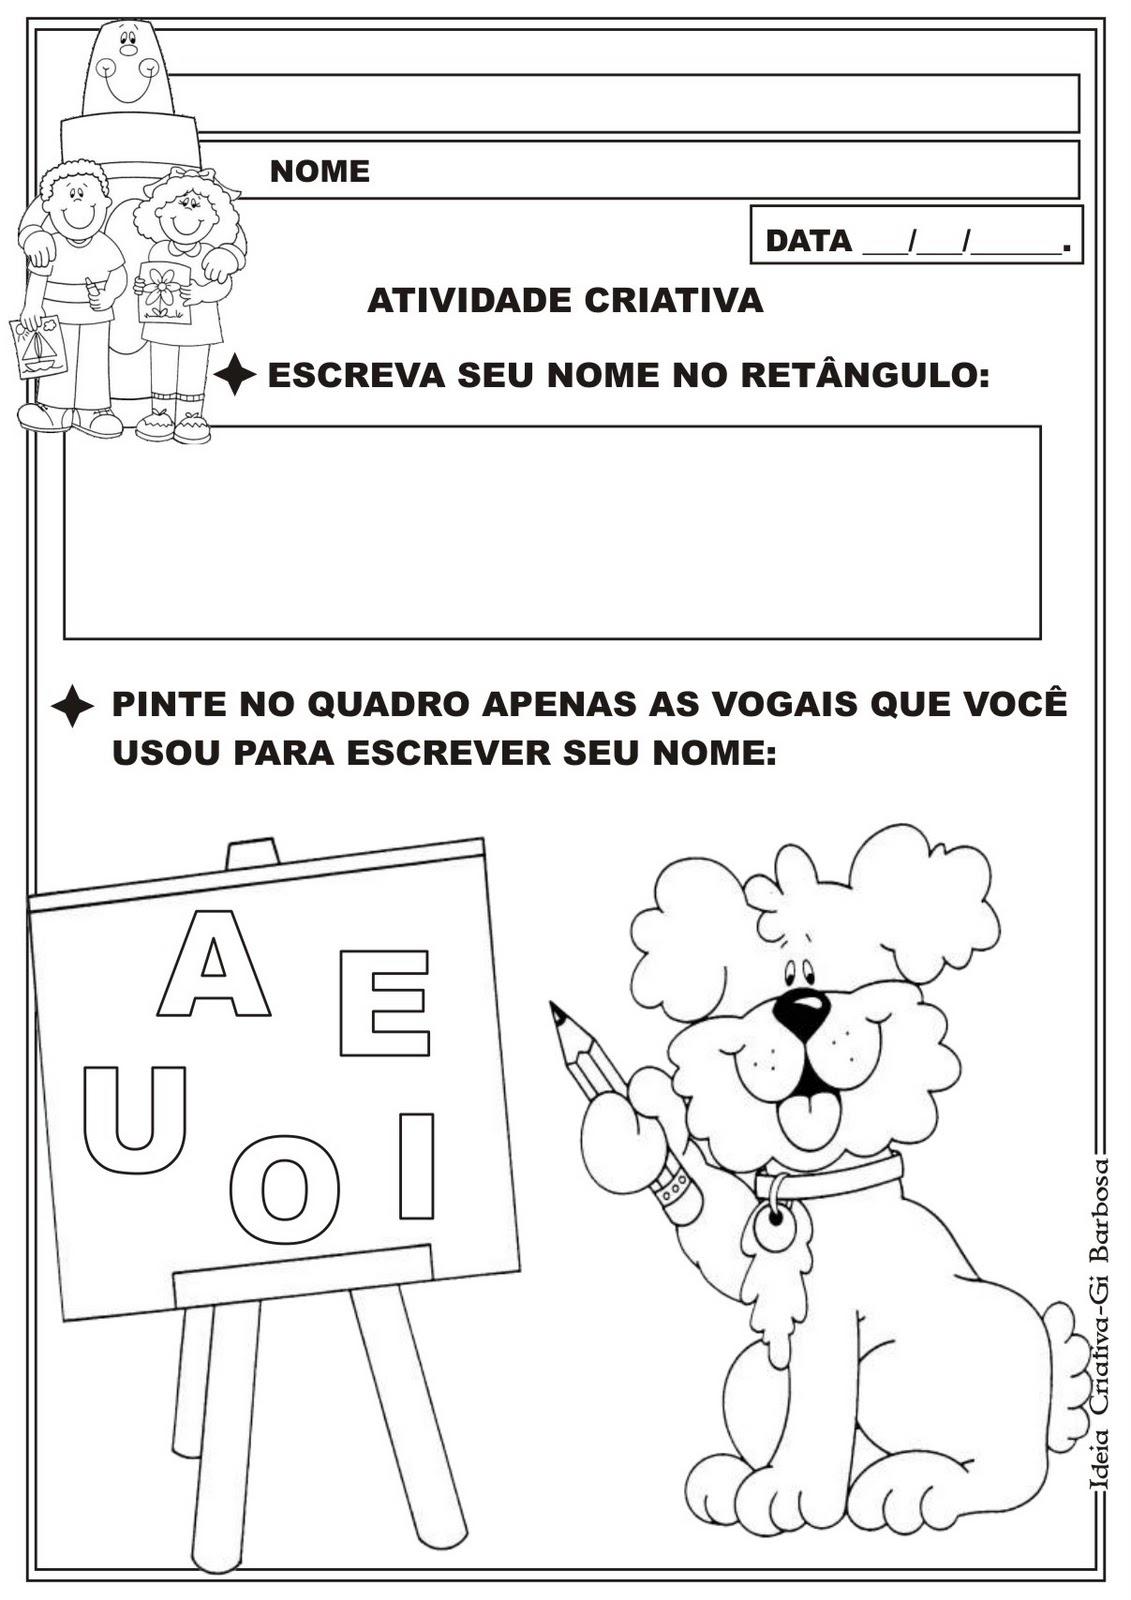 Top trocando idéias pedagógicas: SUGESTÕES VOLTA AS AULAS PF84